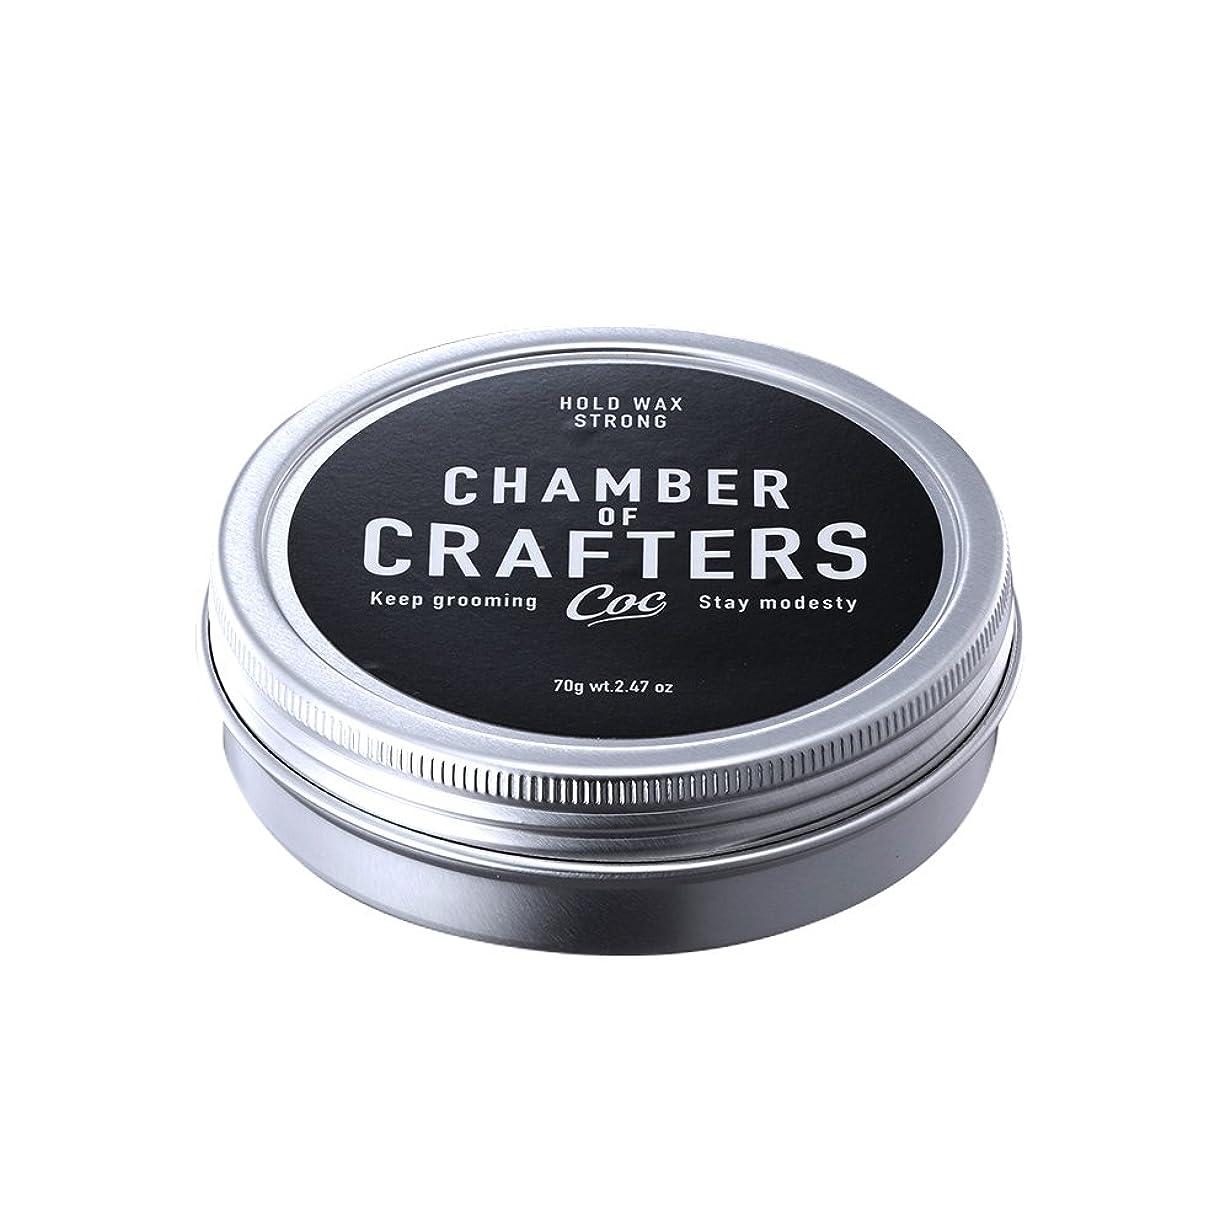 副産物メッセンジャー床を掃除するCHAMBER OF CRAFTERS チェンバーオブクラフターズ ホールドワックス H 70g シトラスグリーンの香り